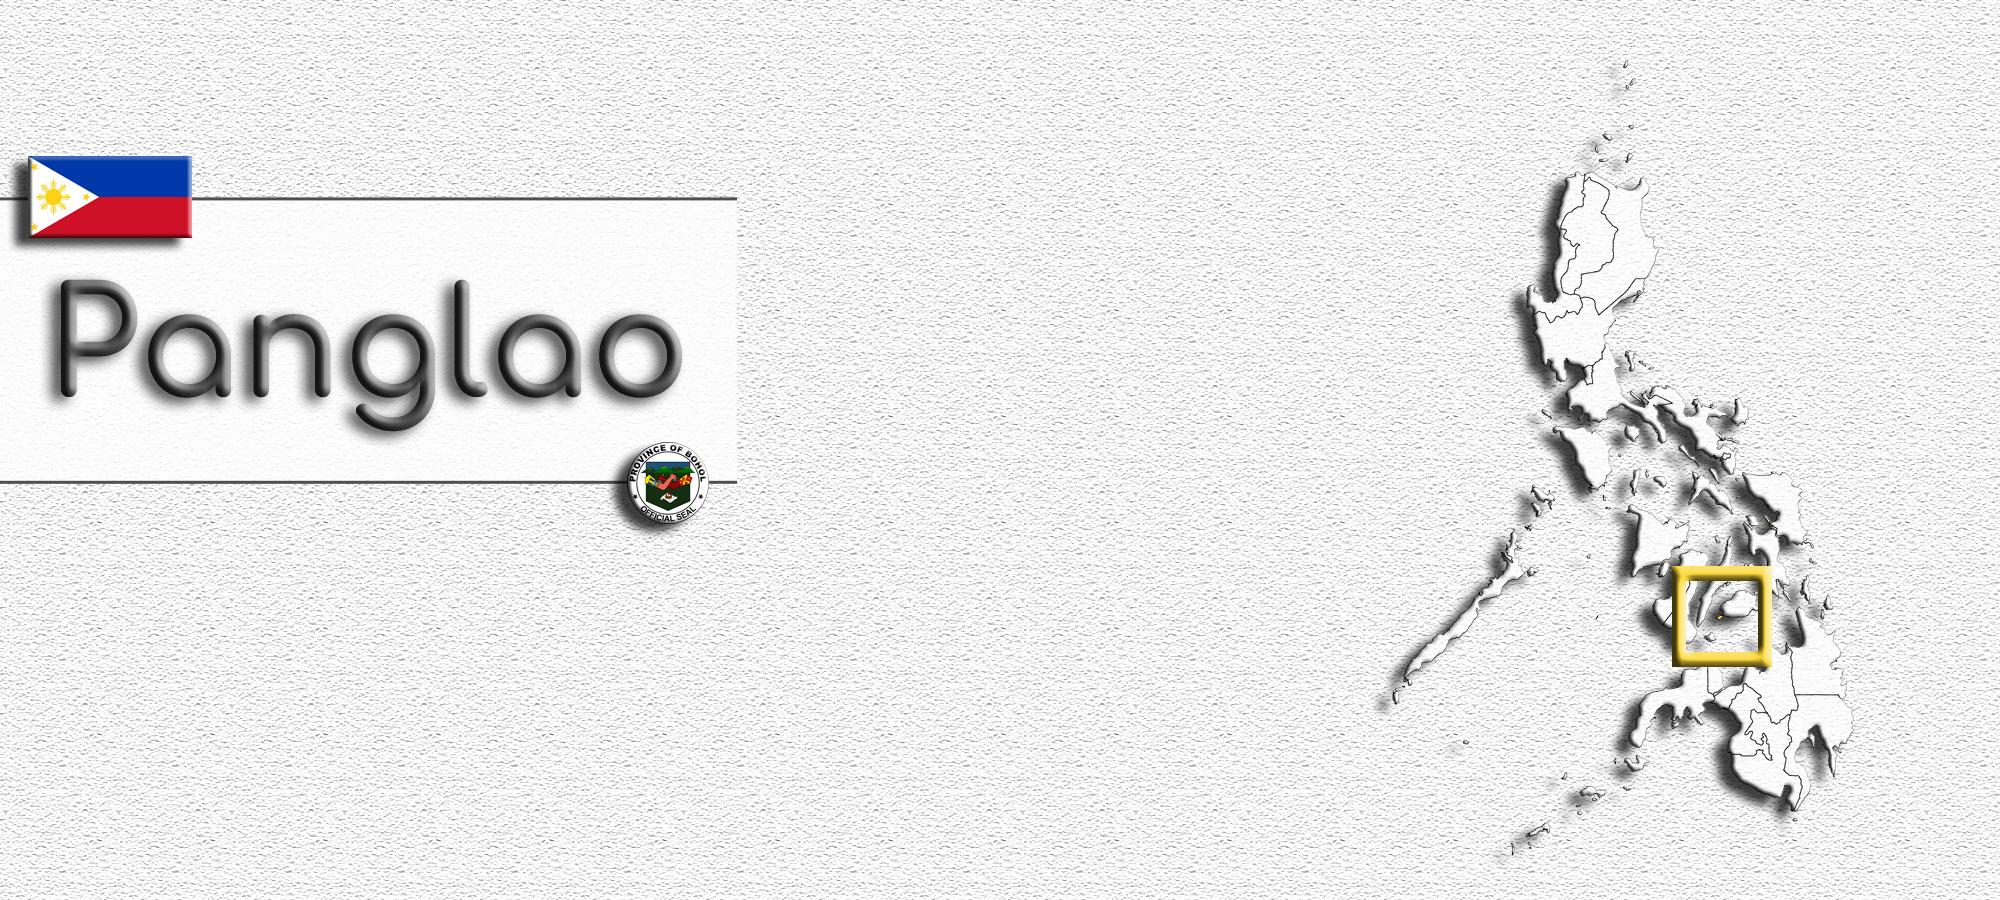 Karte mit Umriss der Philippinen. Die Insel Panglao ist farblich hervorgehoben und mit einem Rahmen eingefasst. Im Textfeld steht geschrieben: Panglao. Beim Textfeld oben links ist das Wappen der Philippinen. Unten rechts das Seal der Provinz Bohol.